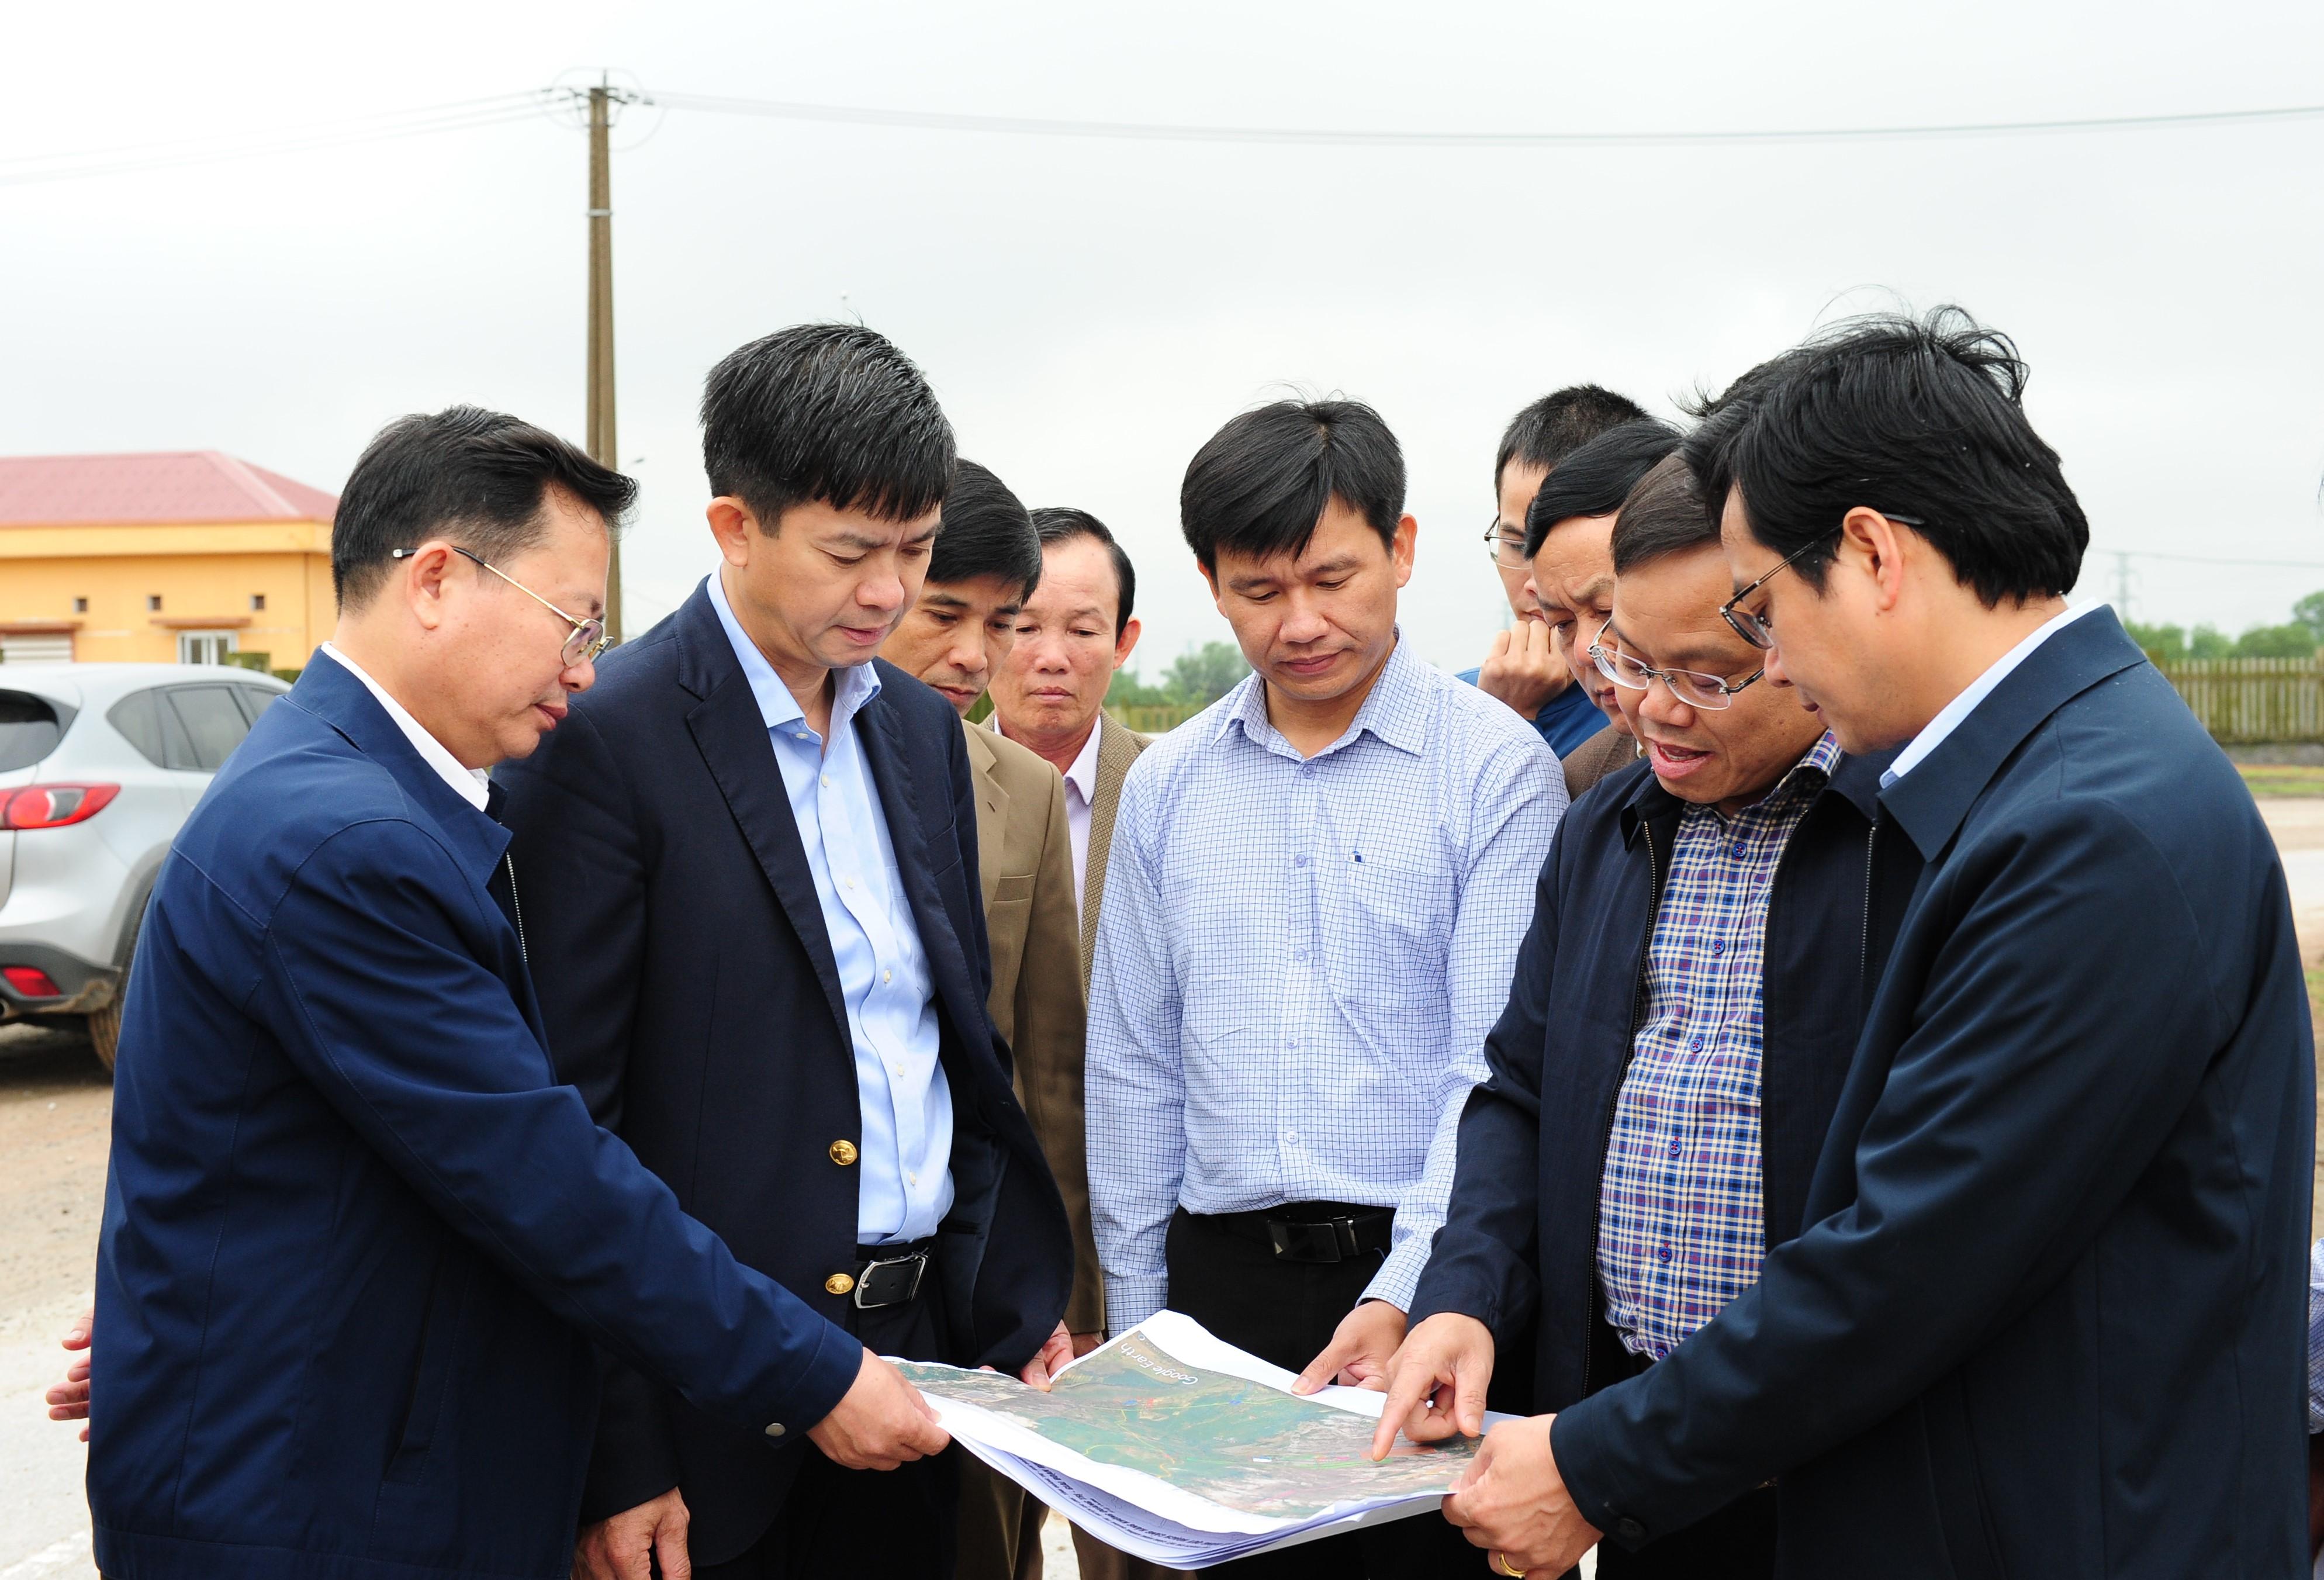 Bí thư Tỉnh uỷ Lê Quang Tùng: Huyện Gio Linh cần chủ động thu hút, tìm kiếm nhà đầu tư